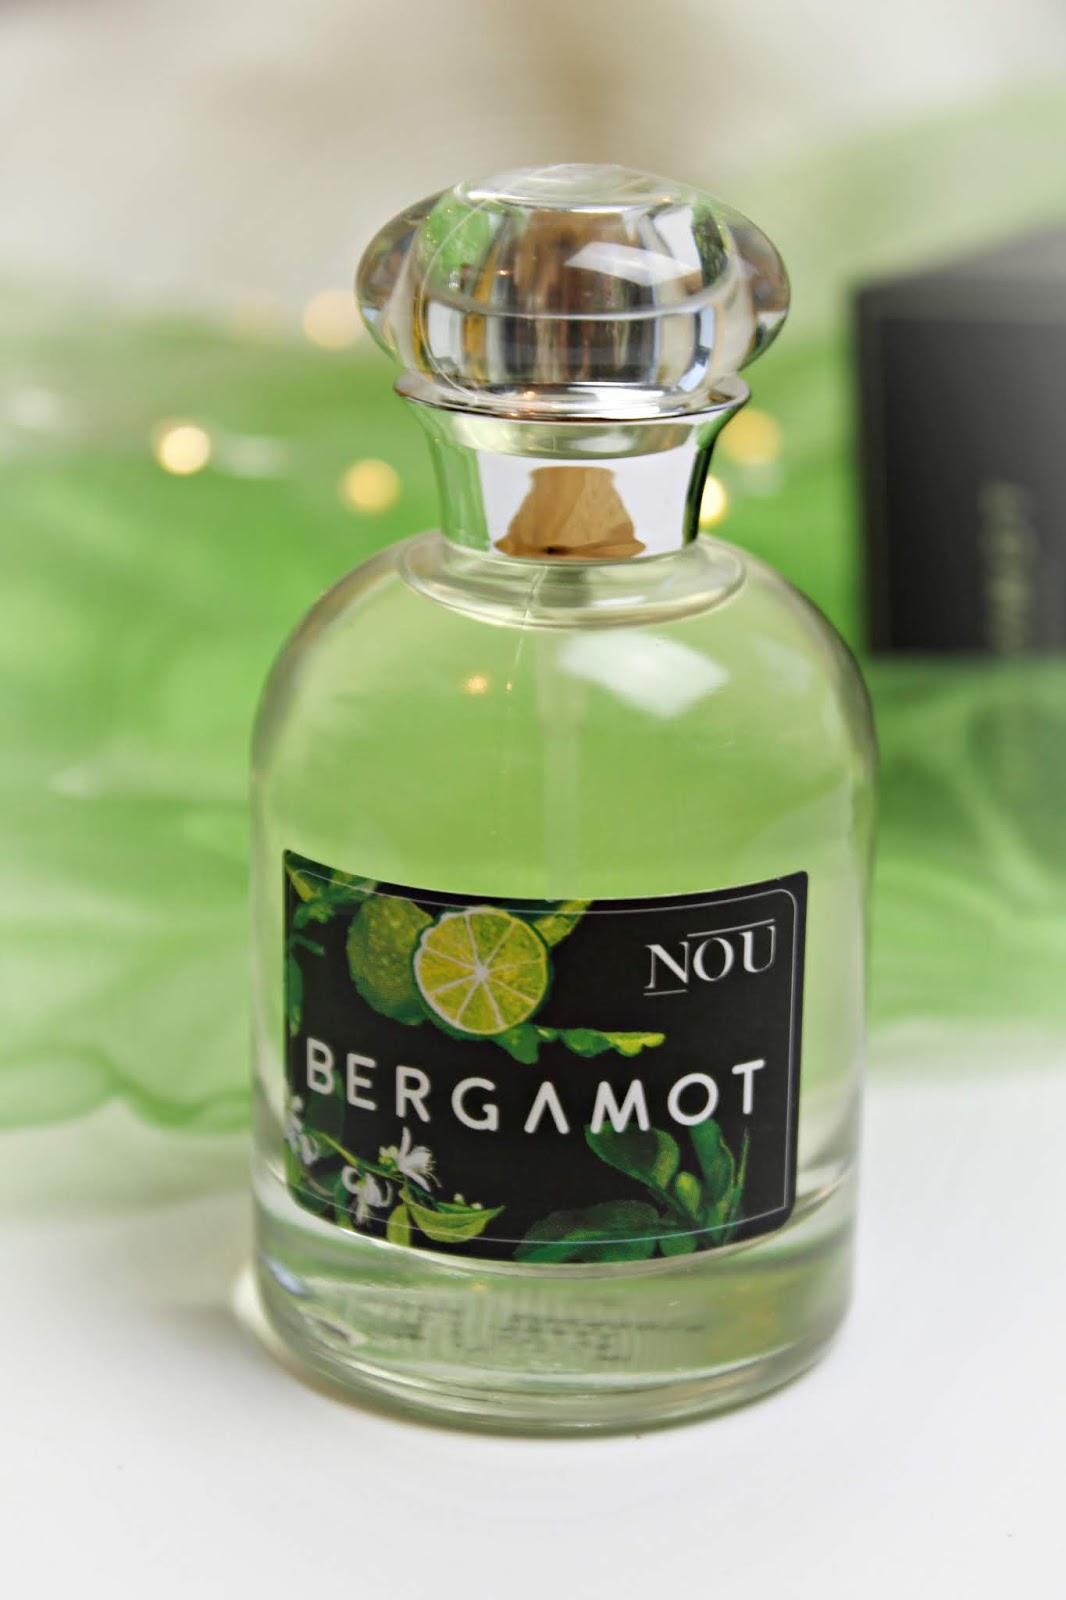 NOU Bergamot